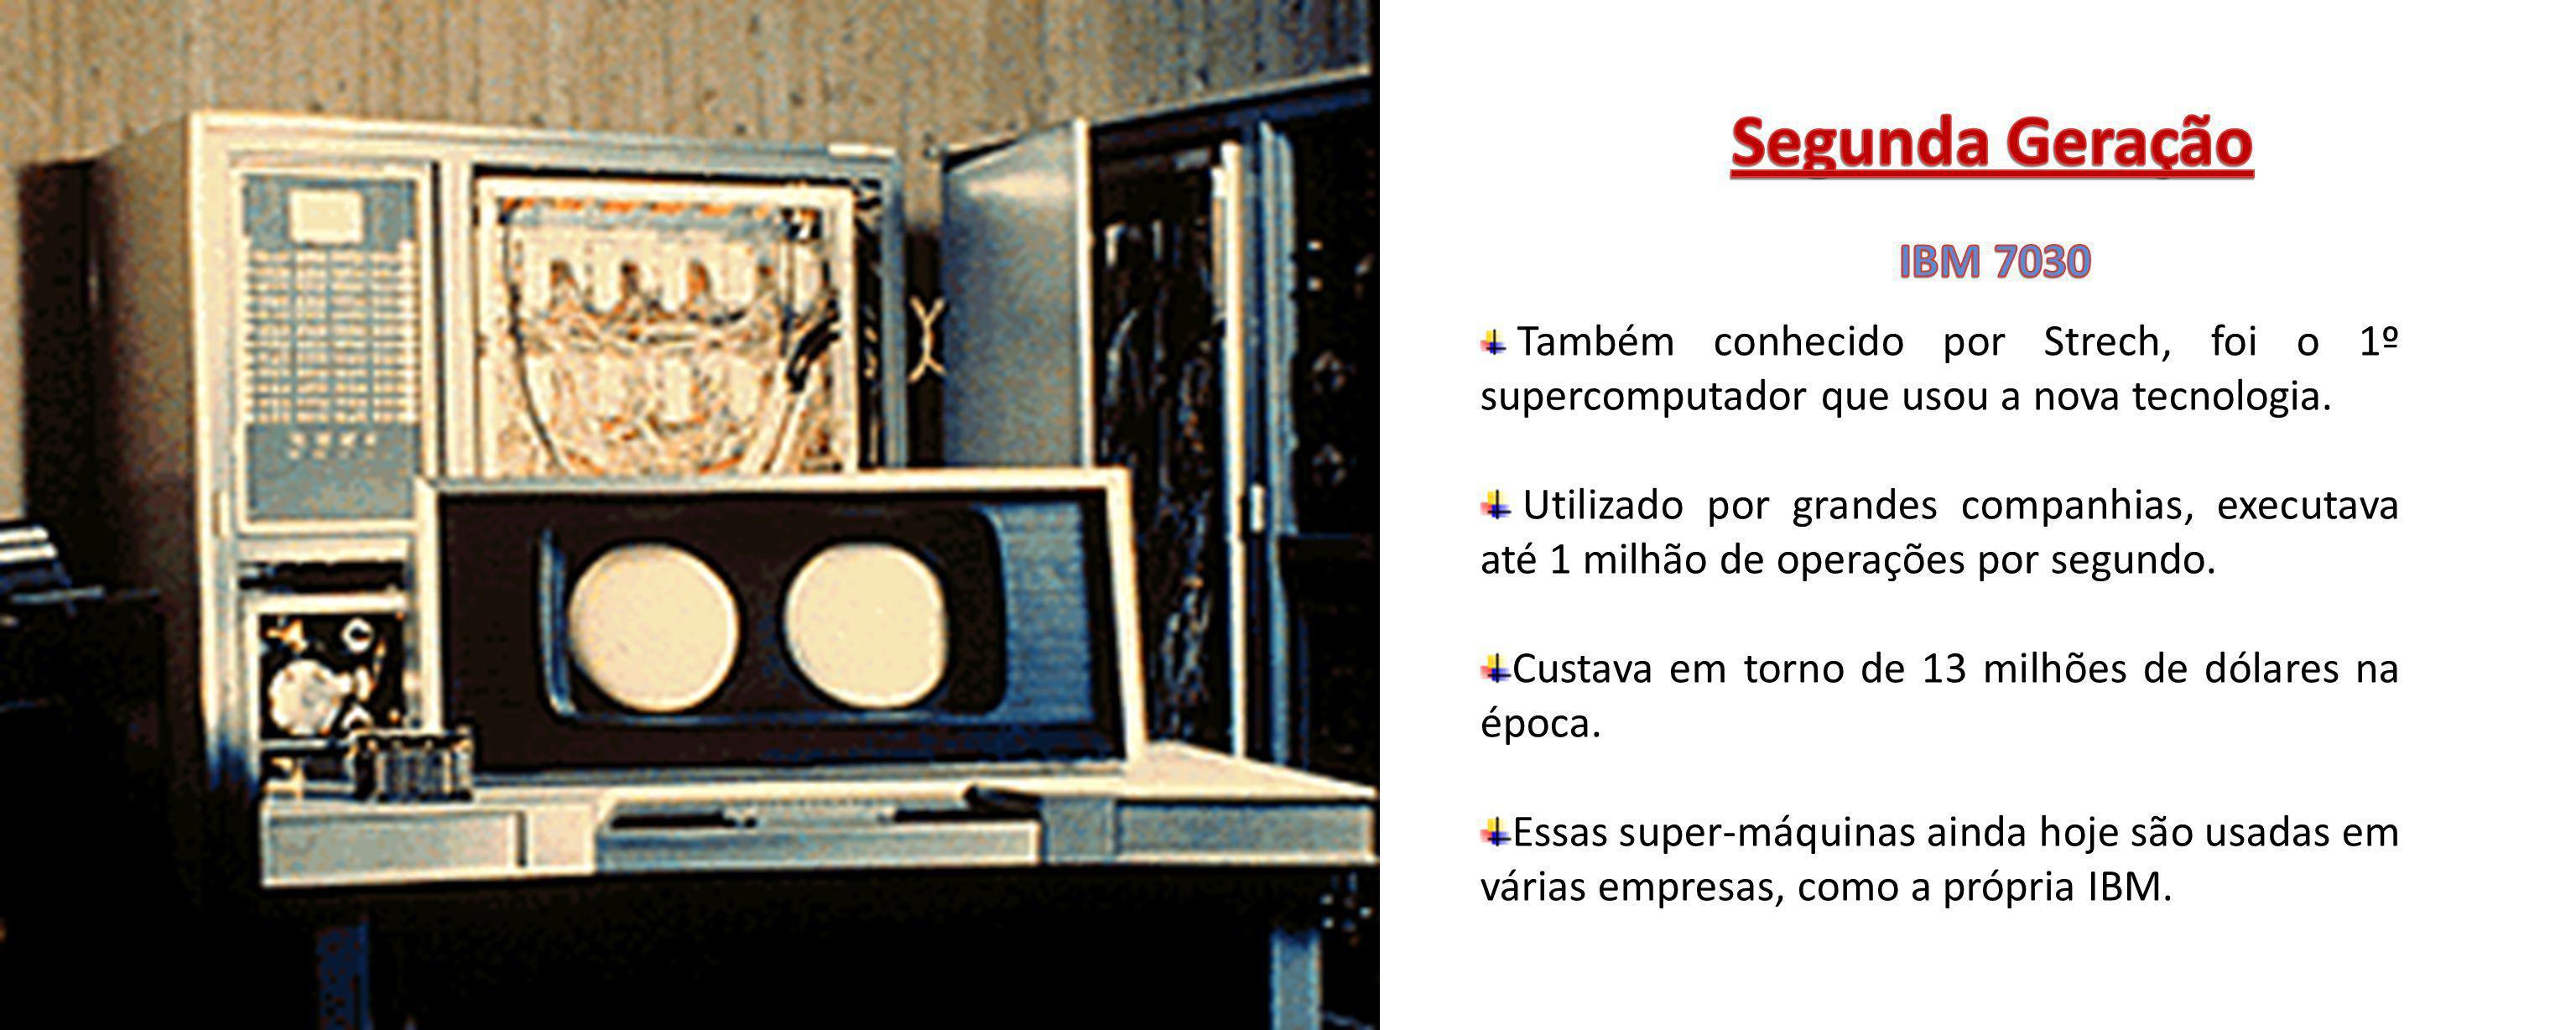 Segunda Geração IBM 7030. Também conhecido por Strech, foi o 1º supercomputador que usou a nova tecnologia.